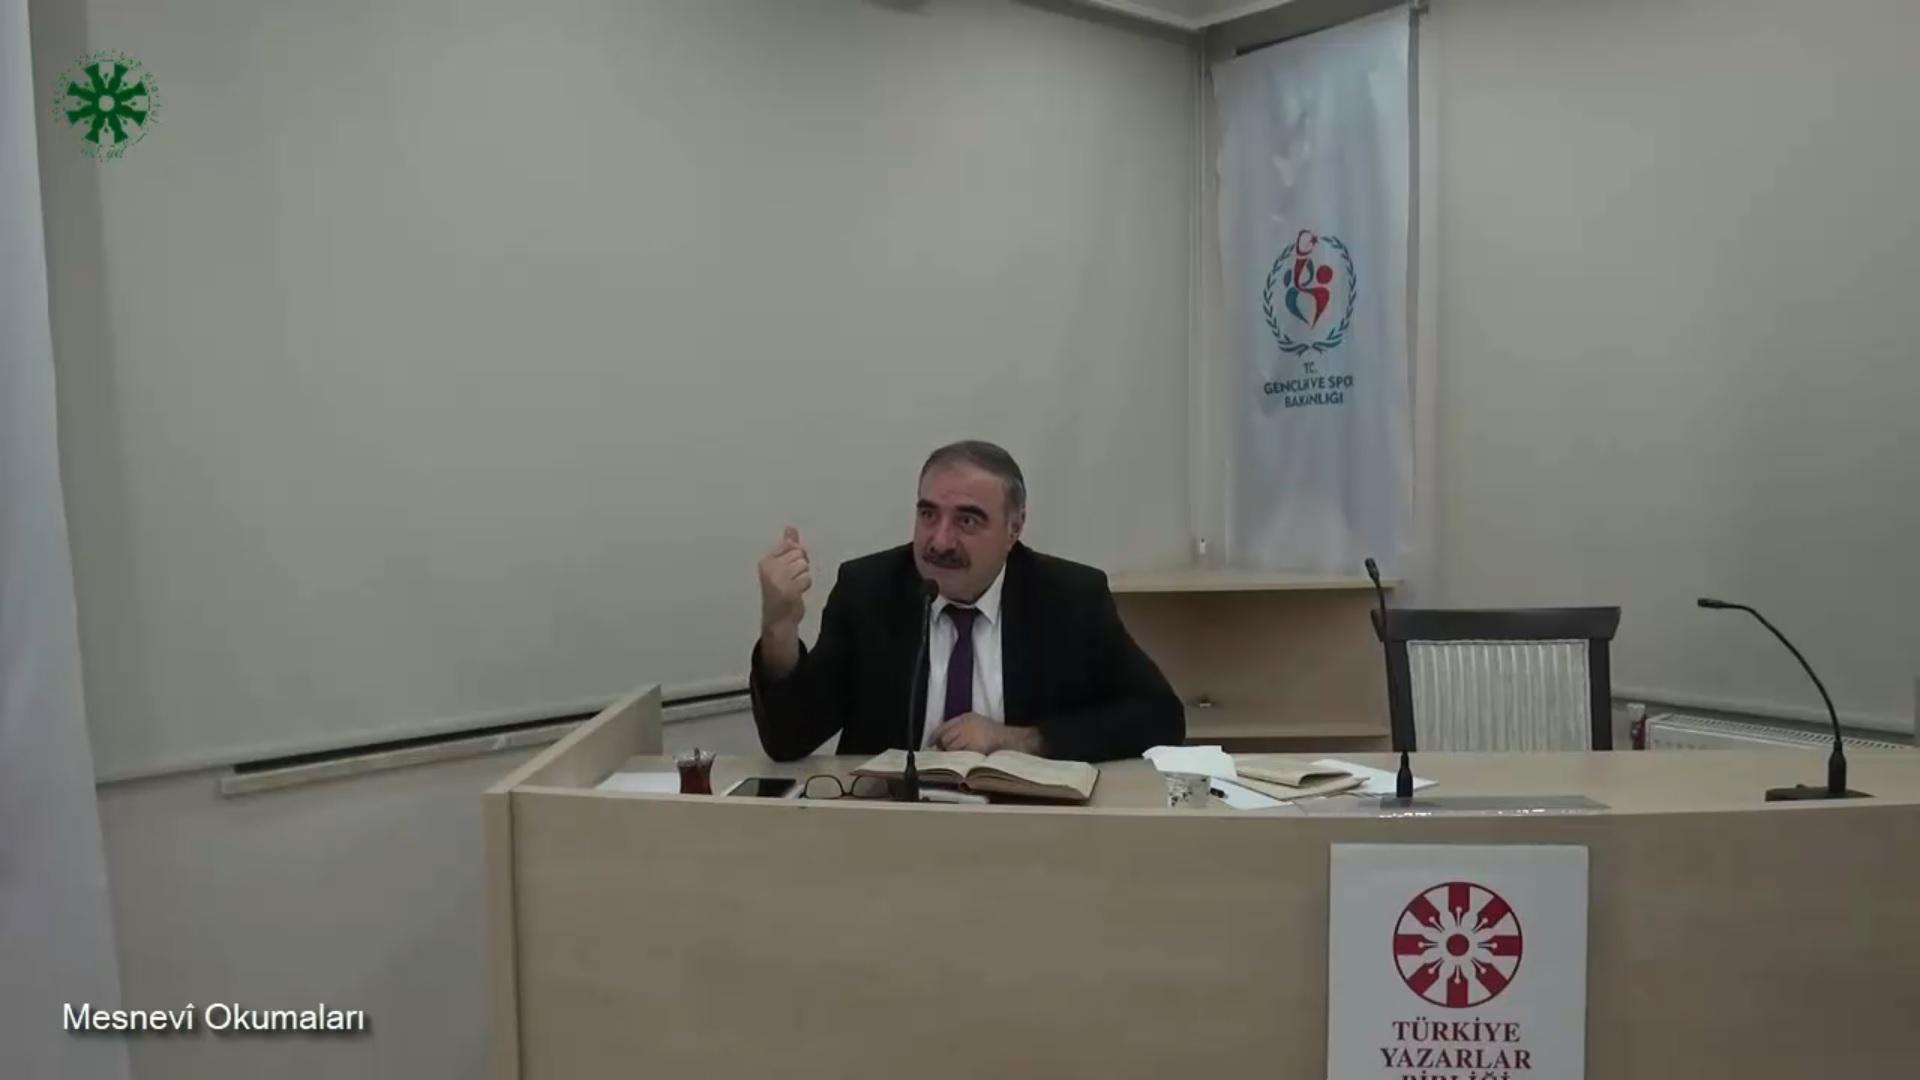 Mesnevî Okumaları -40- Doç. Dr. Yakup Şafak